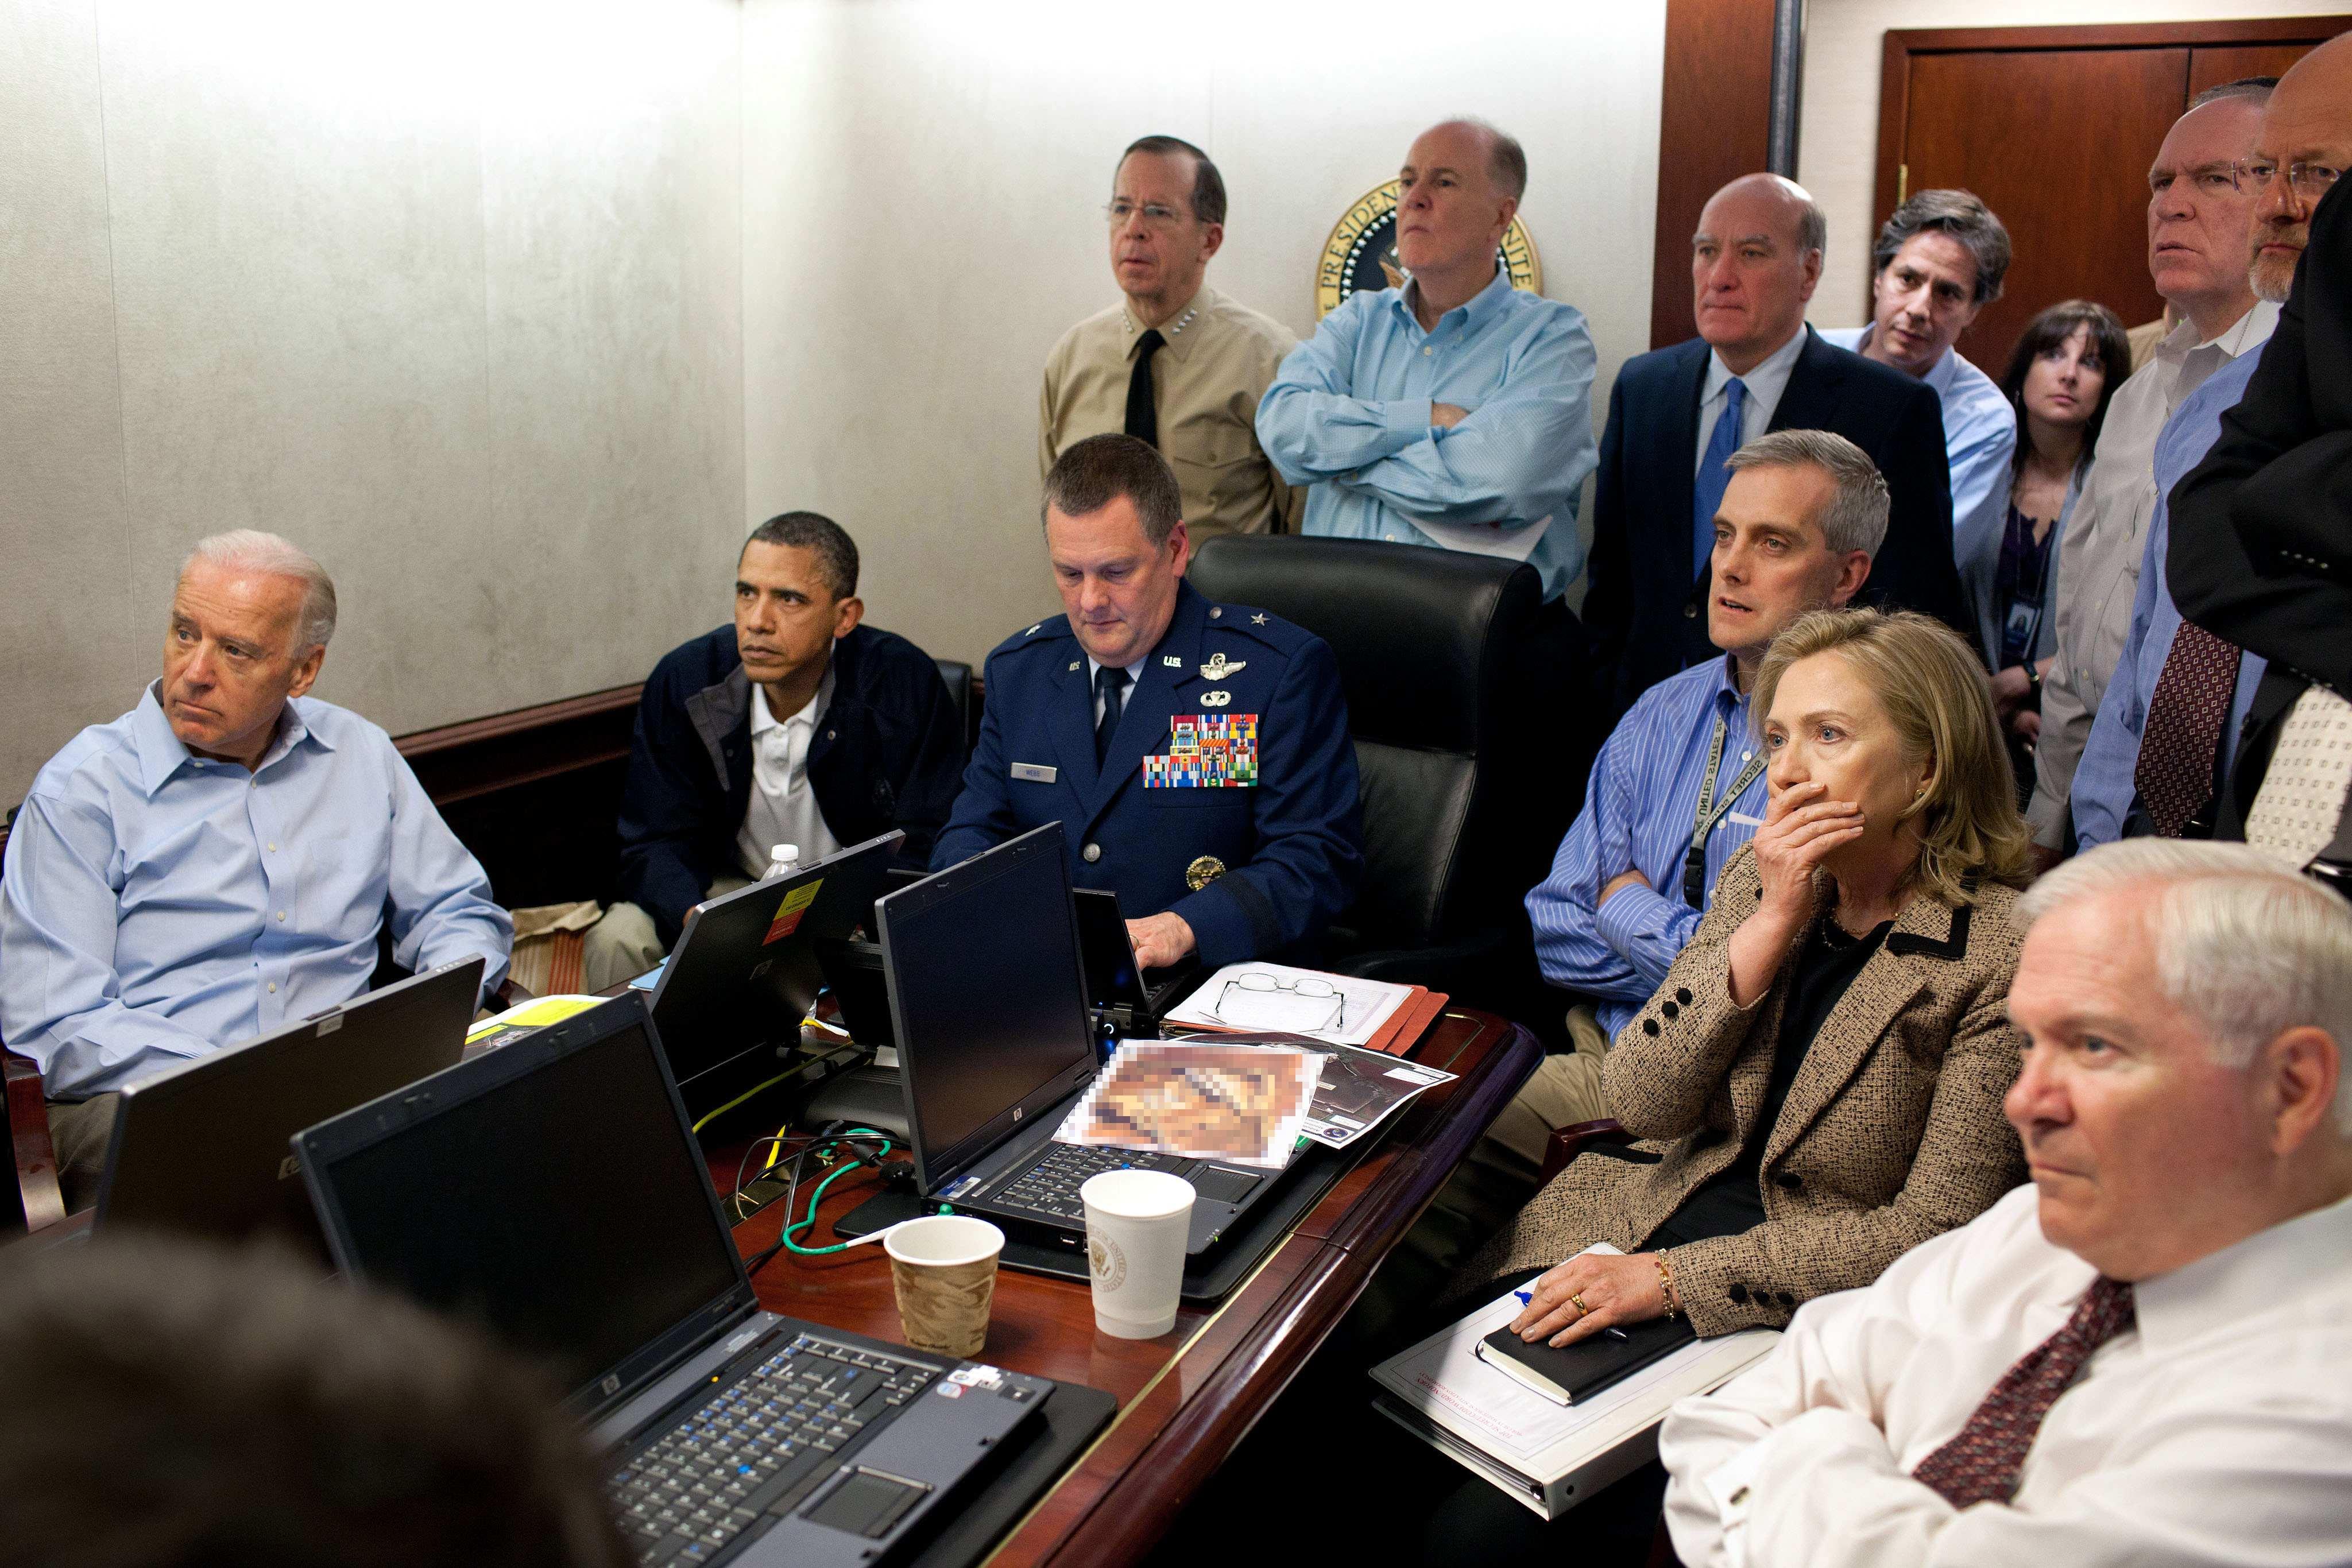 Todestag von Osama bin Laden jaehrt sich zum ersten Mal